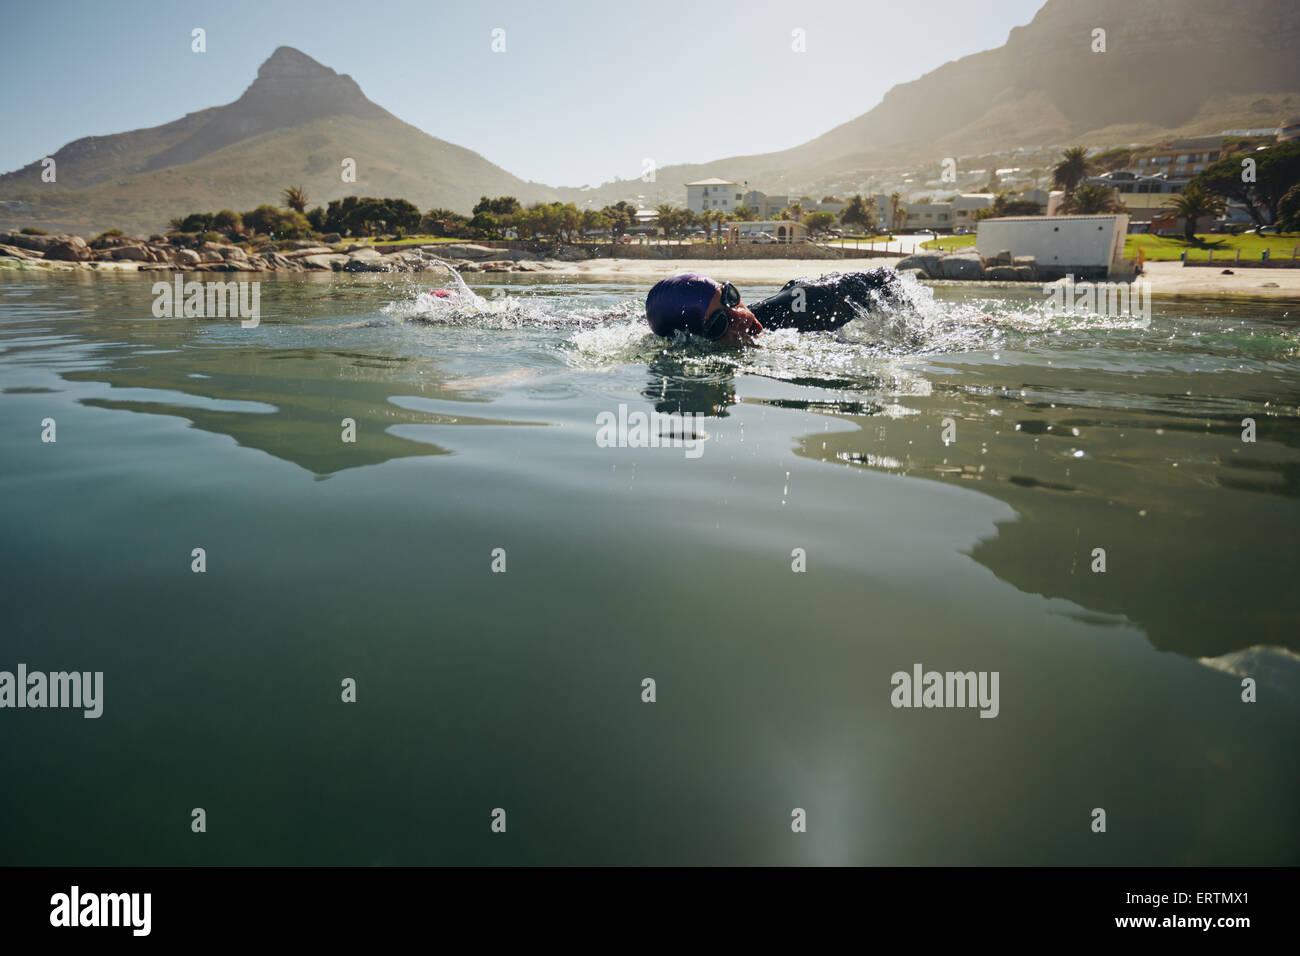 Atleta maschio nuoto in acque aperte. Atleta della pratica per il triathlon. Foto Stock